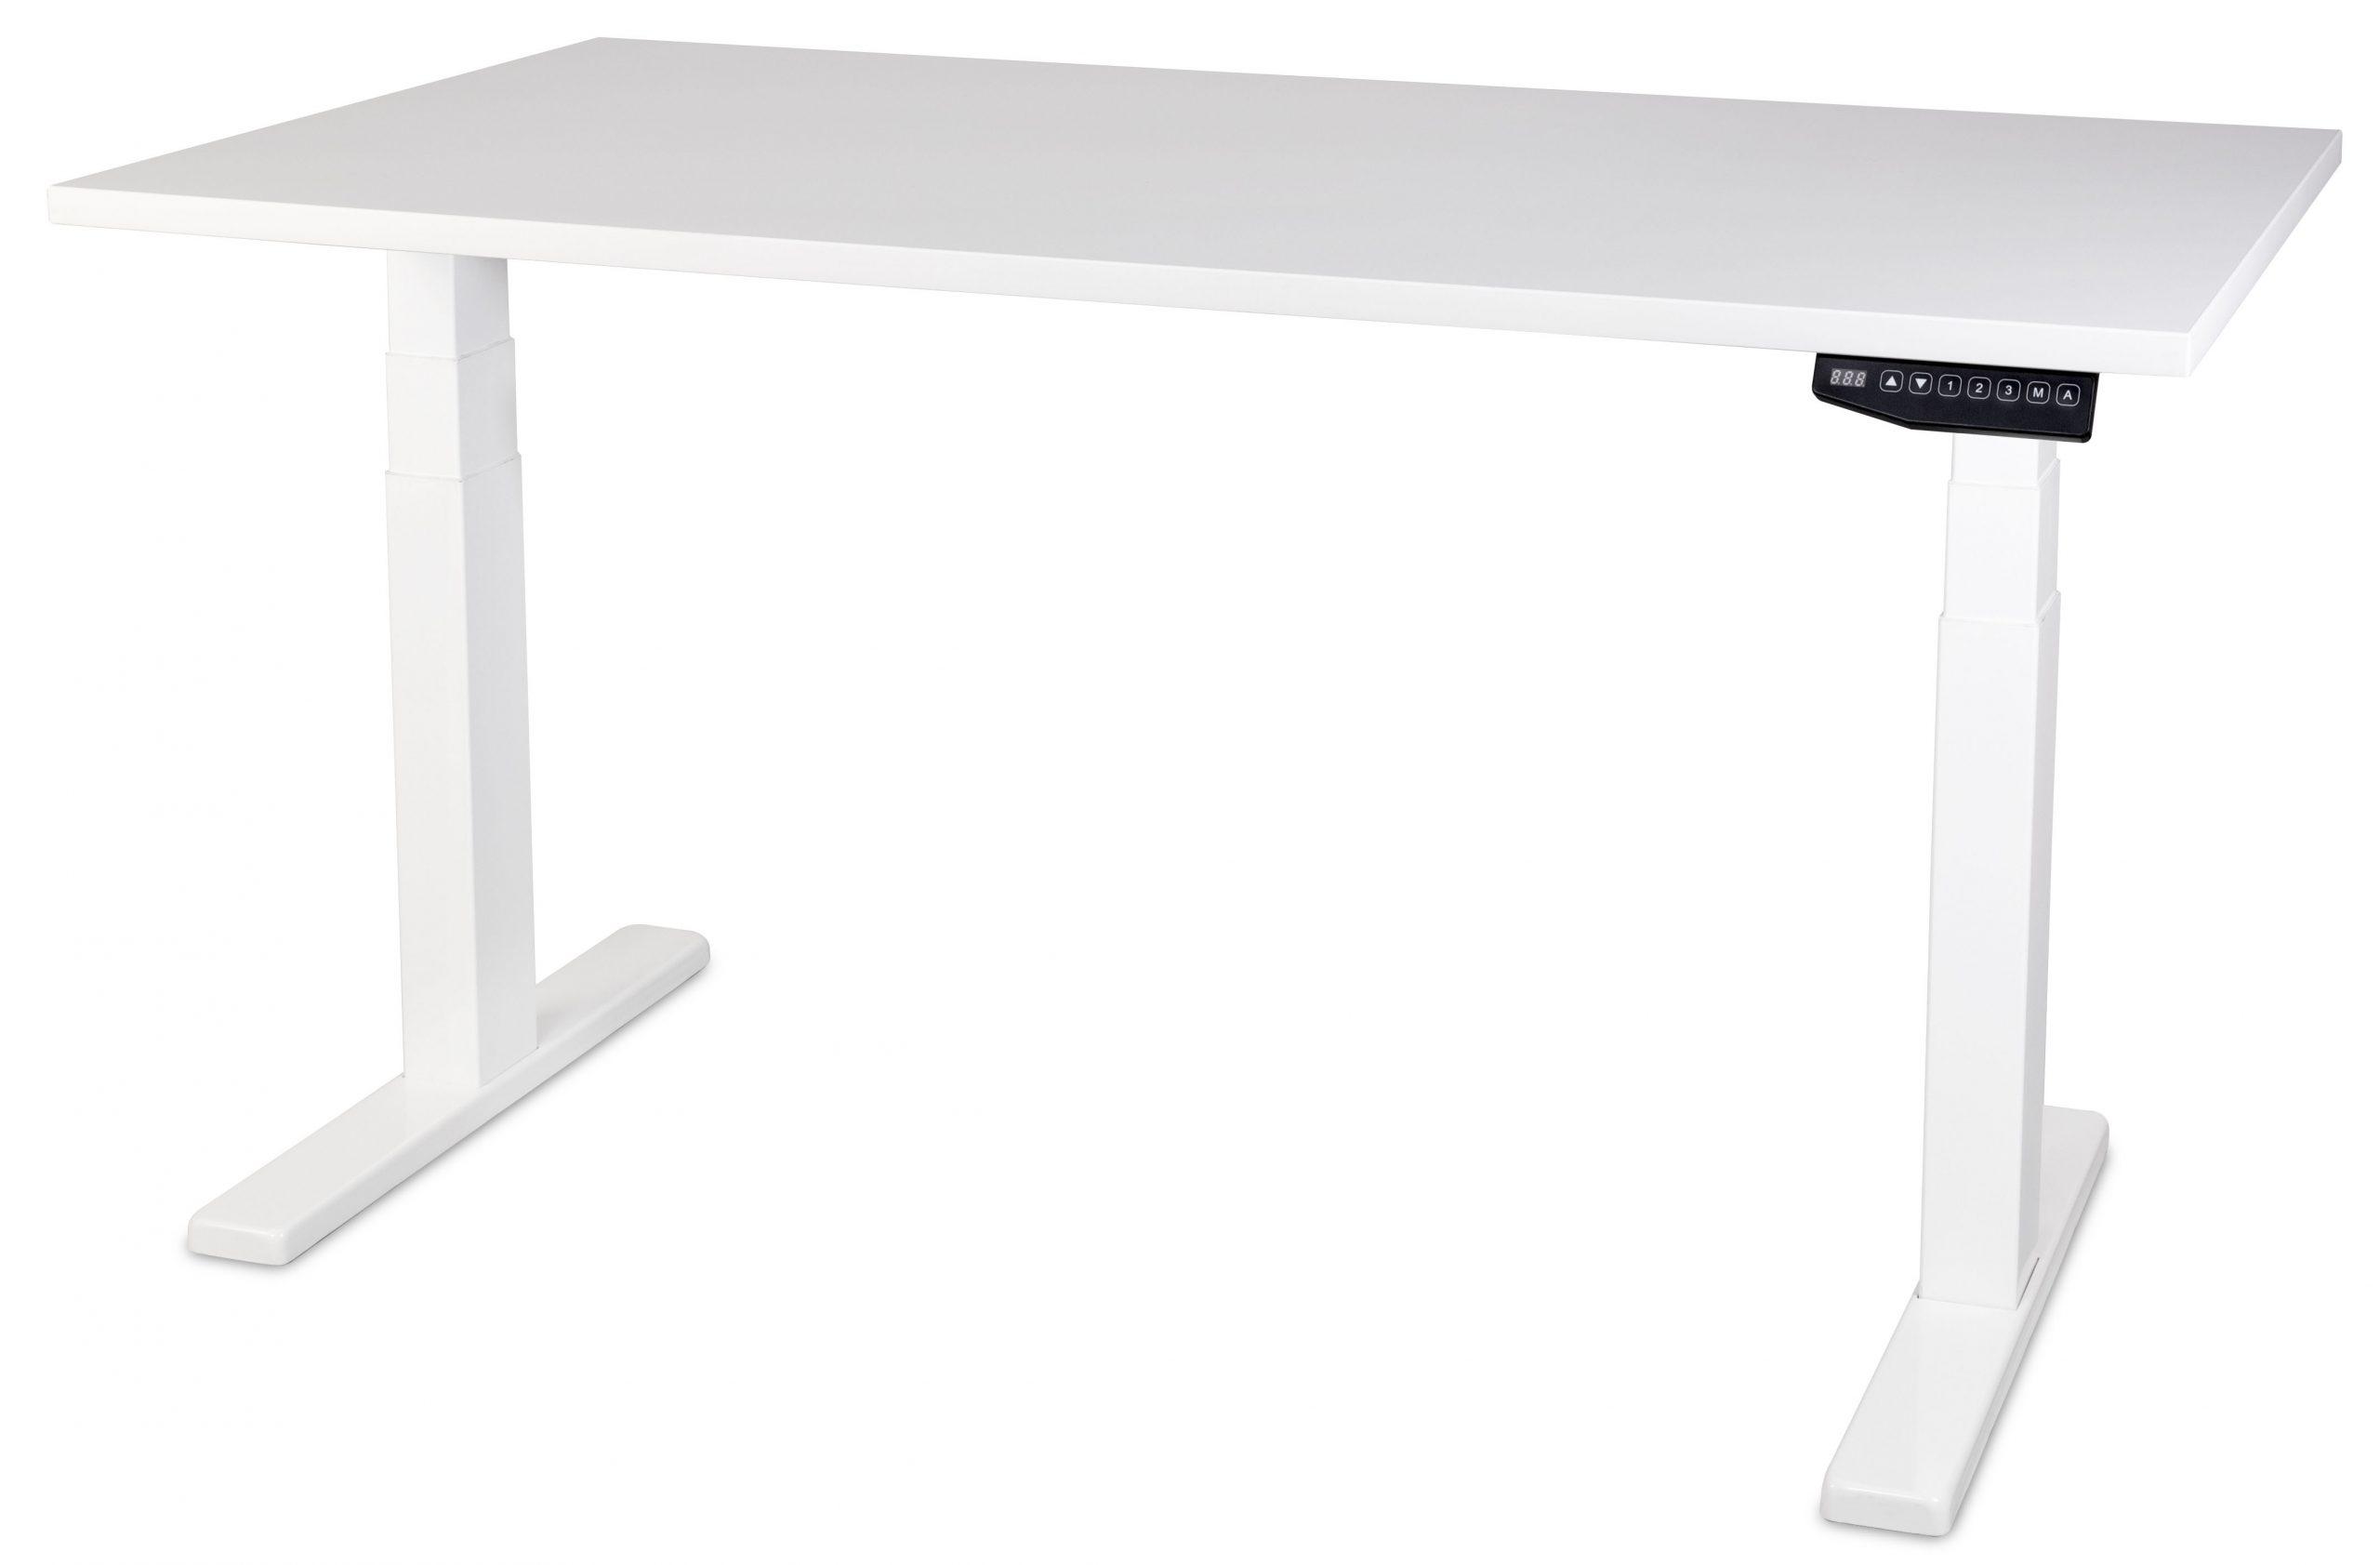 Vantage - White with White Desktop